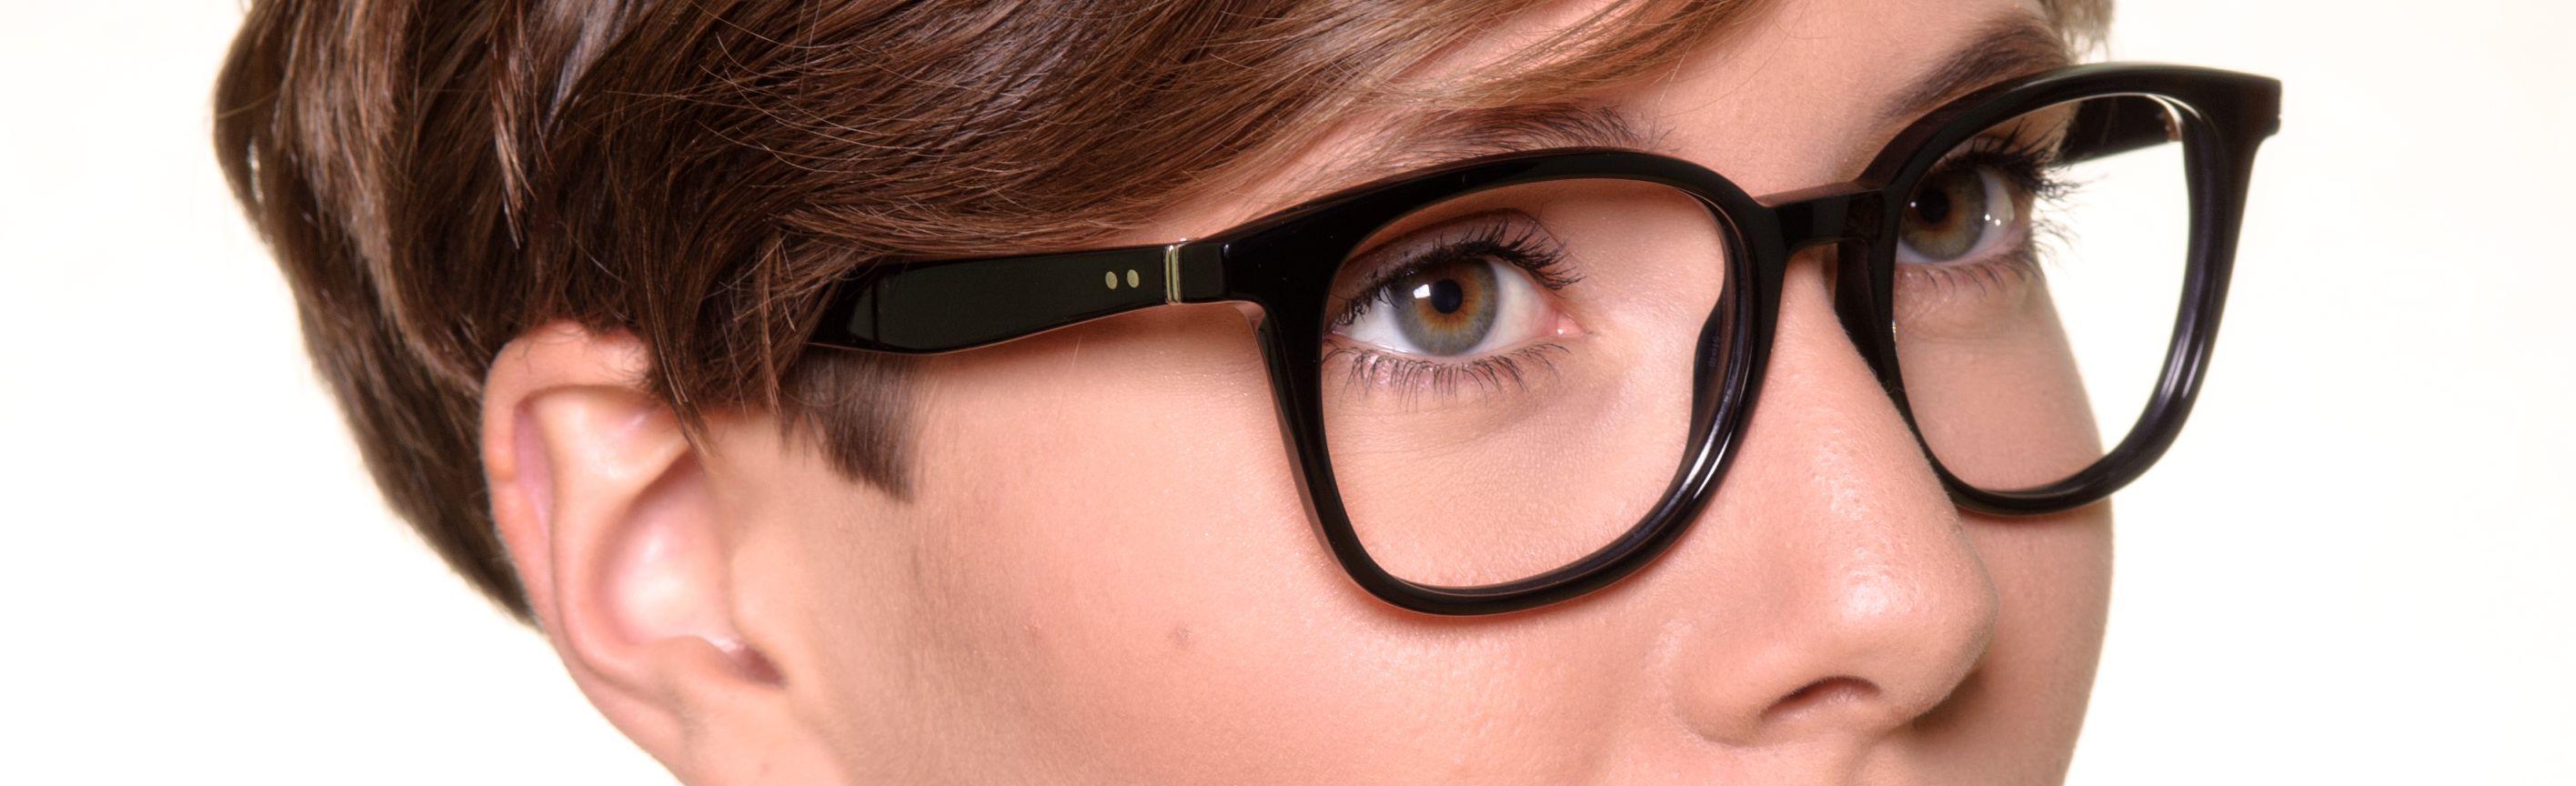 Céline Designerbrillen CL41346 807: Minimalistisch und cool ...